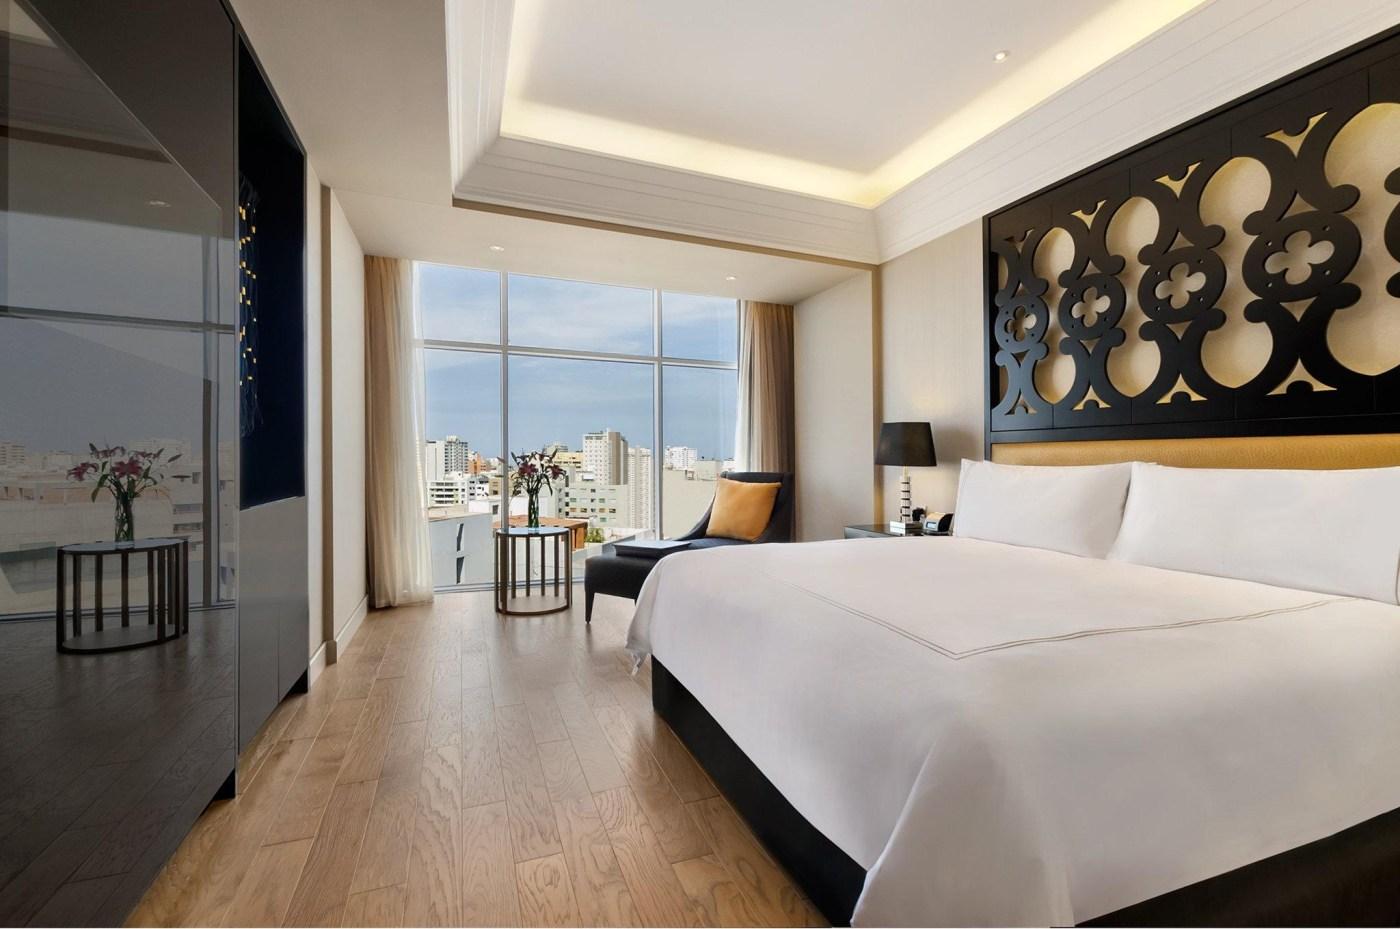 Hotéis Hilton Lima Miraflores, Miraflores - Skyscanner